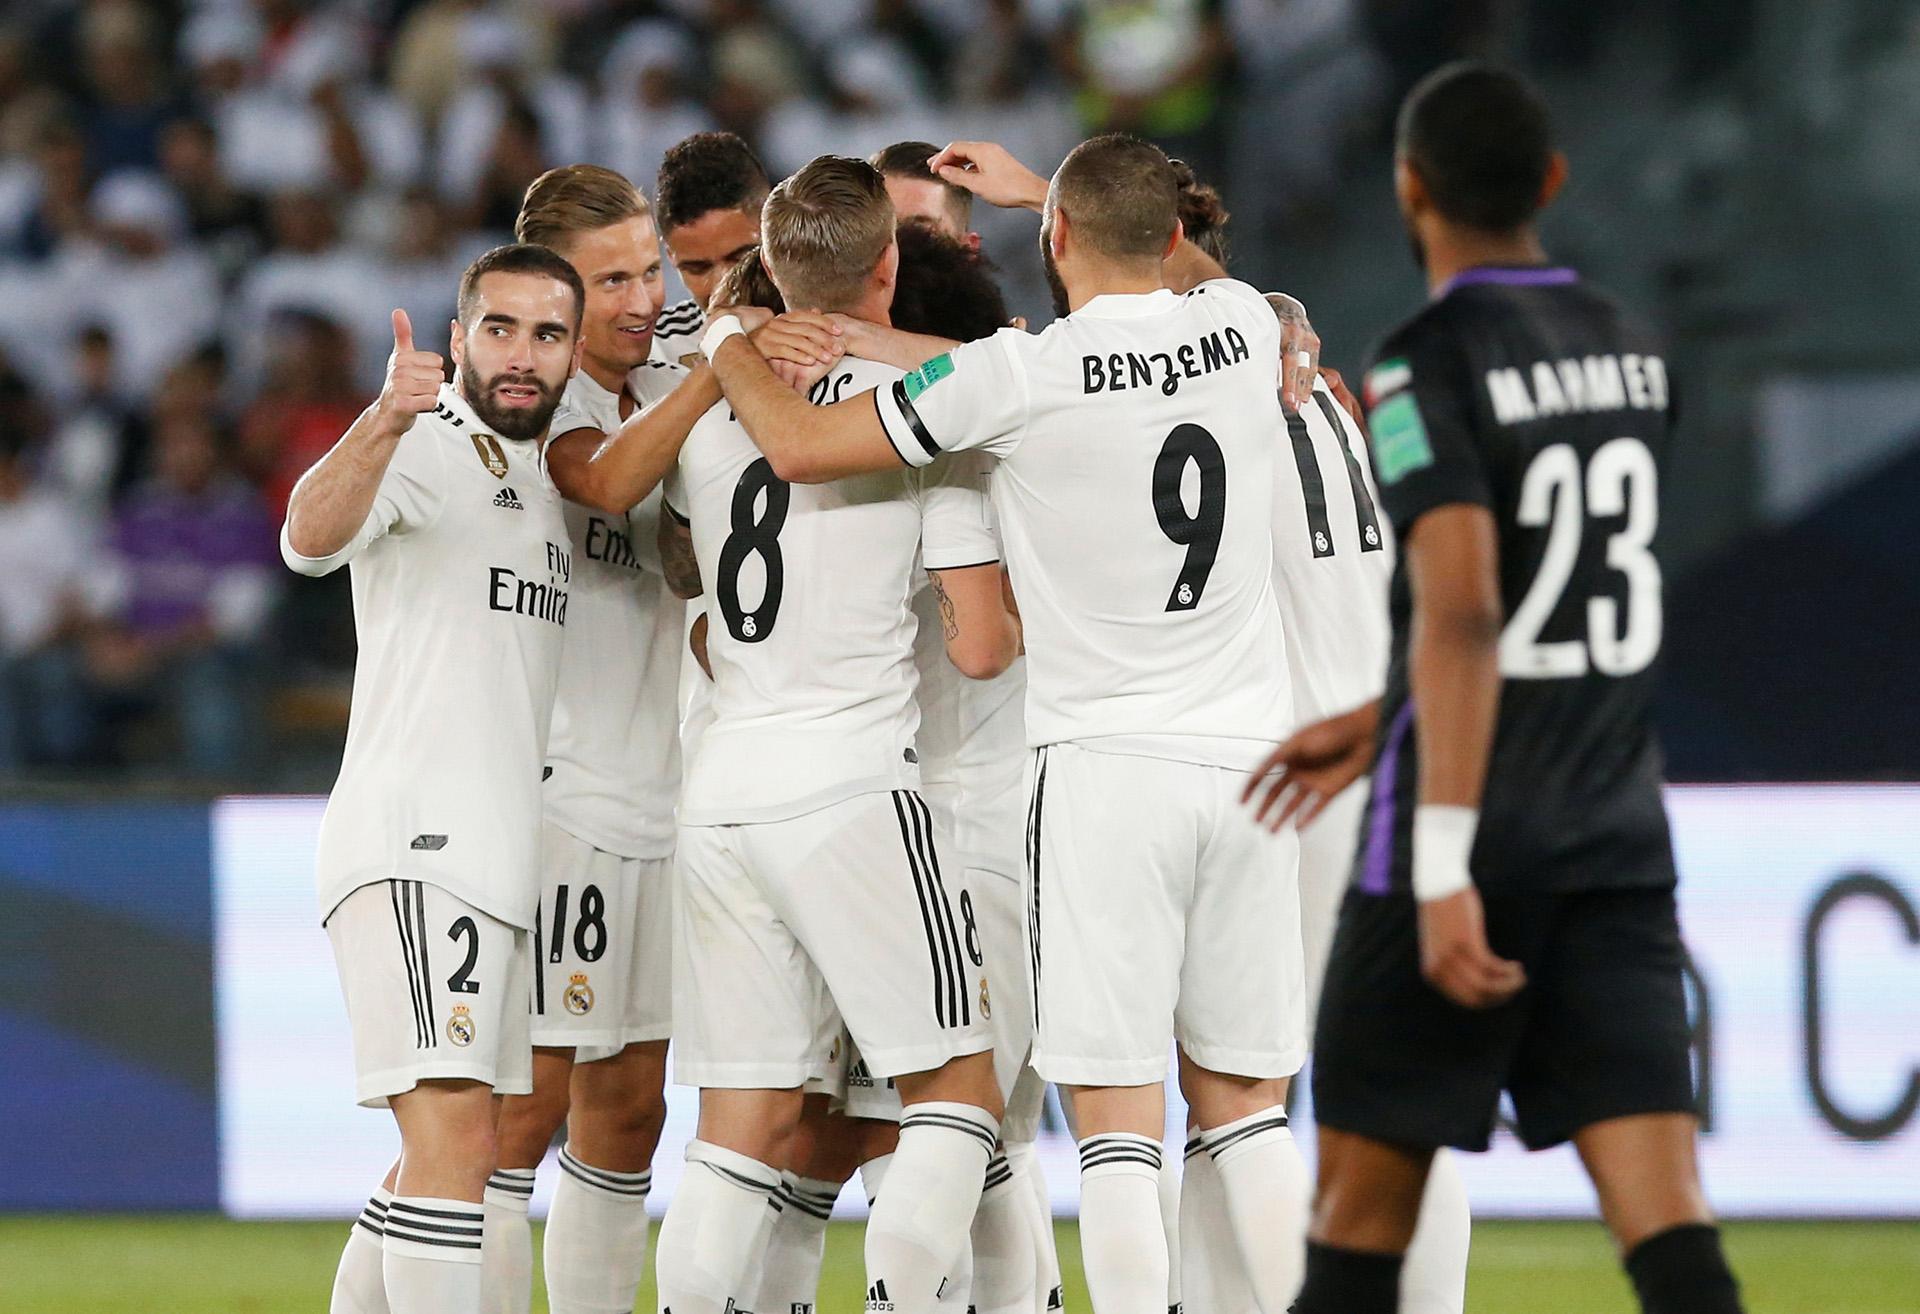 Bale extendía una noche de desacierto perdonó tres ocasiones más